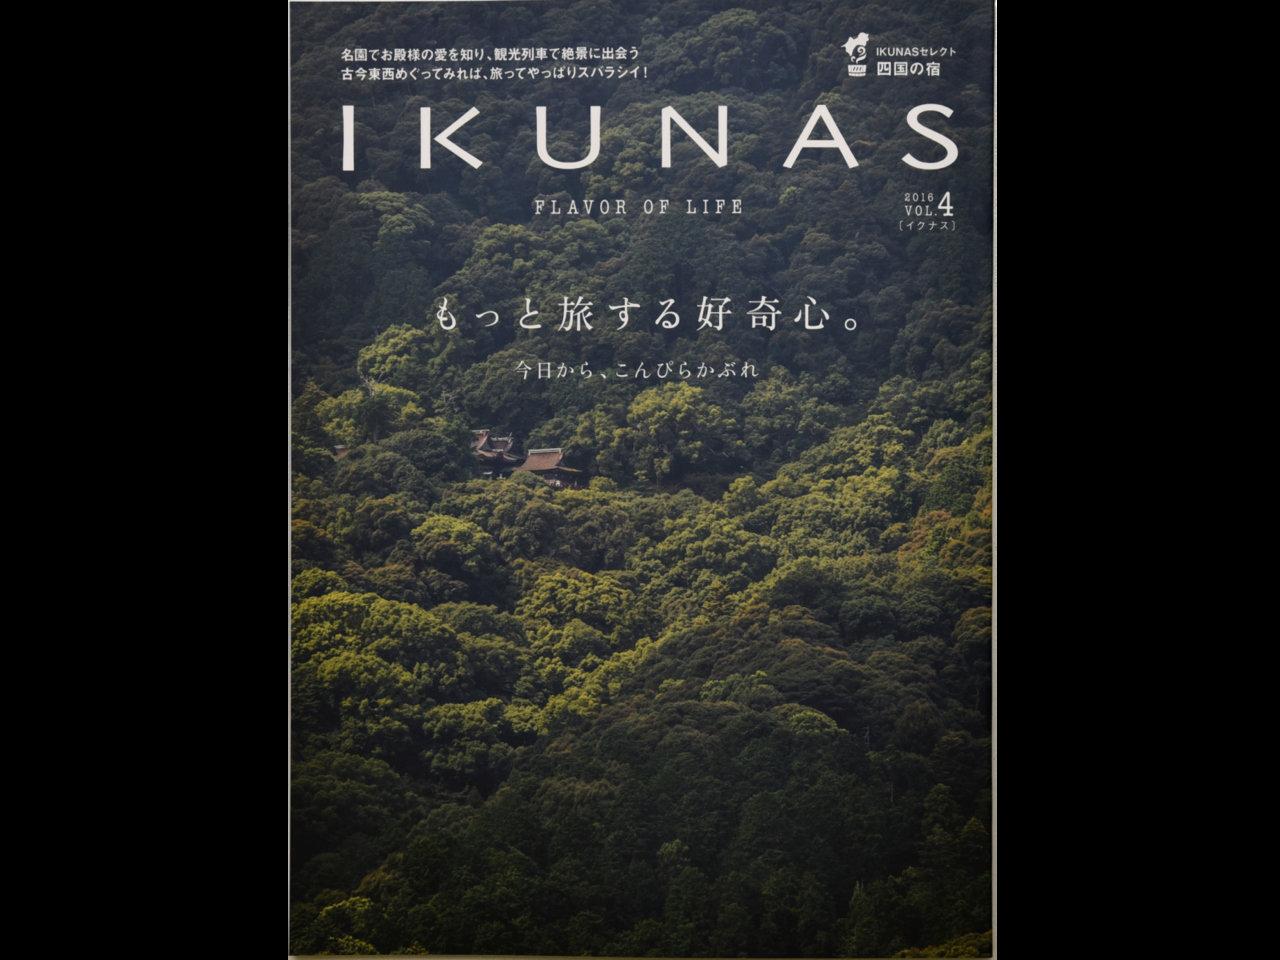 IKUNAS